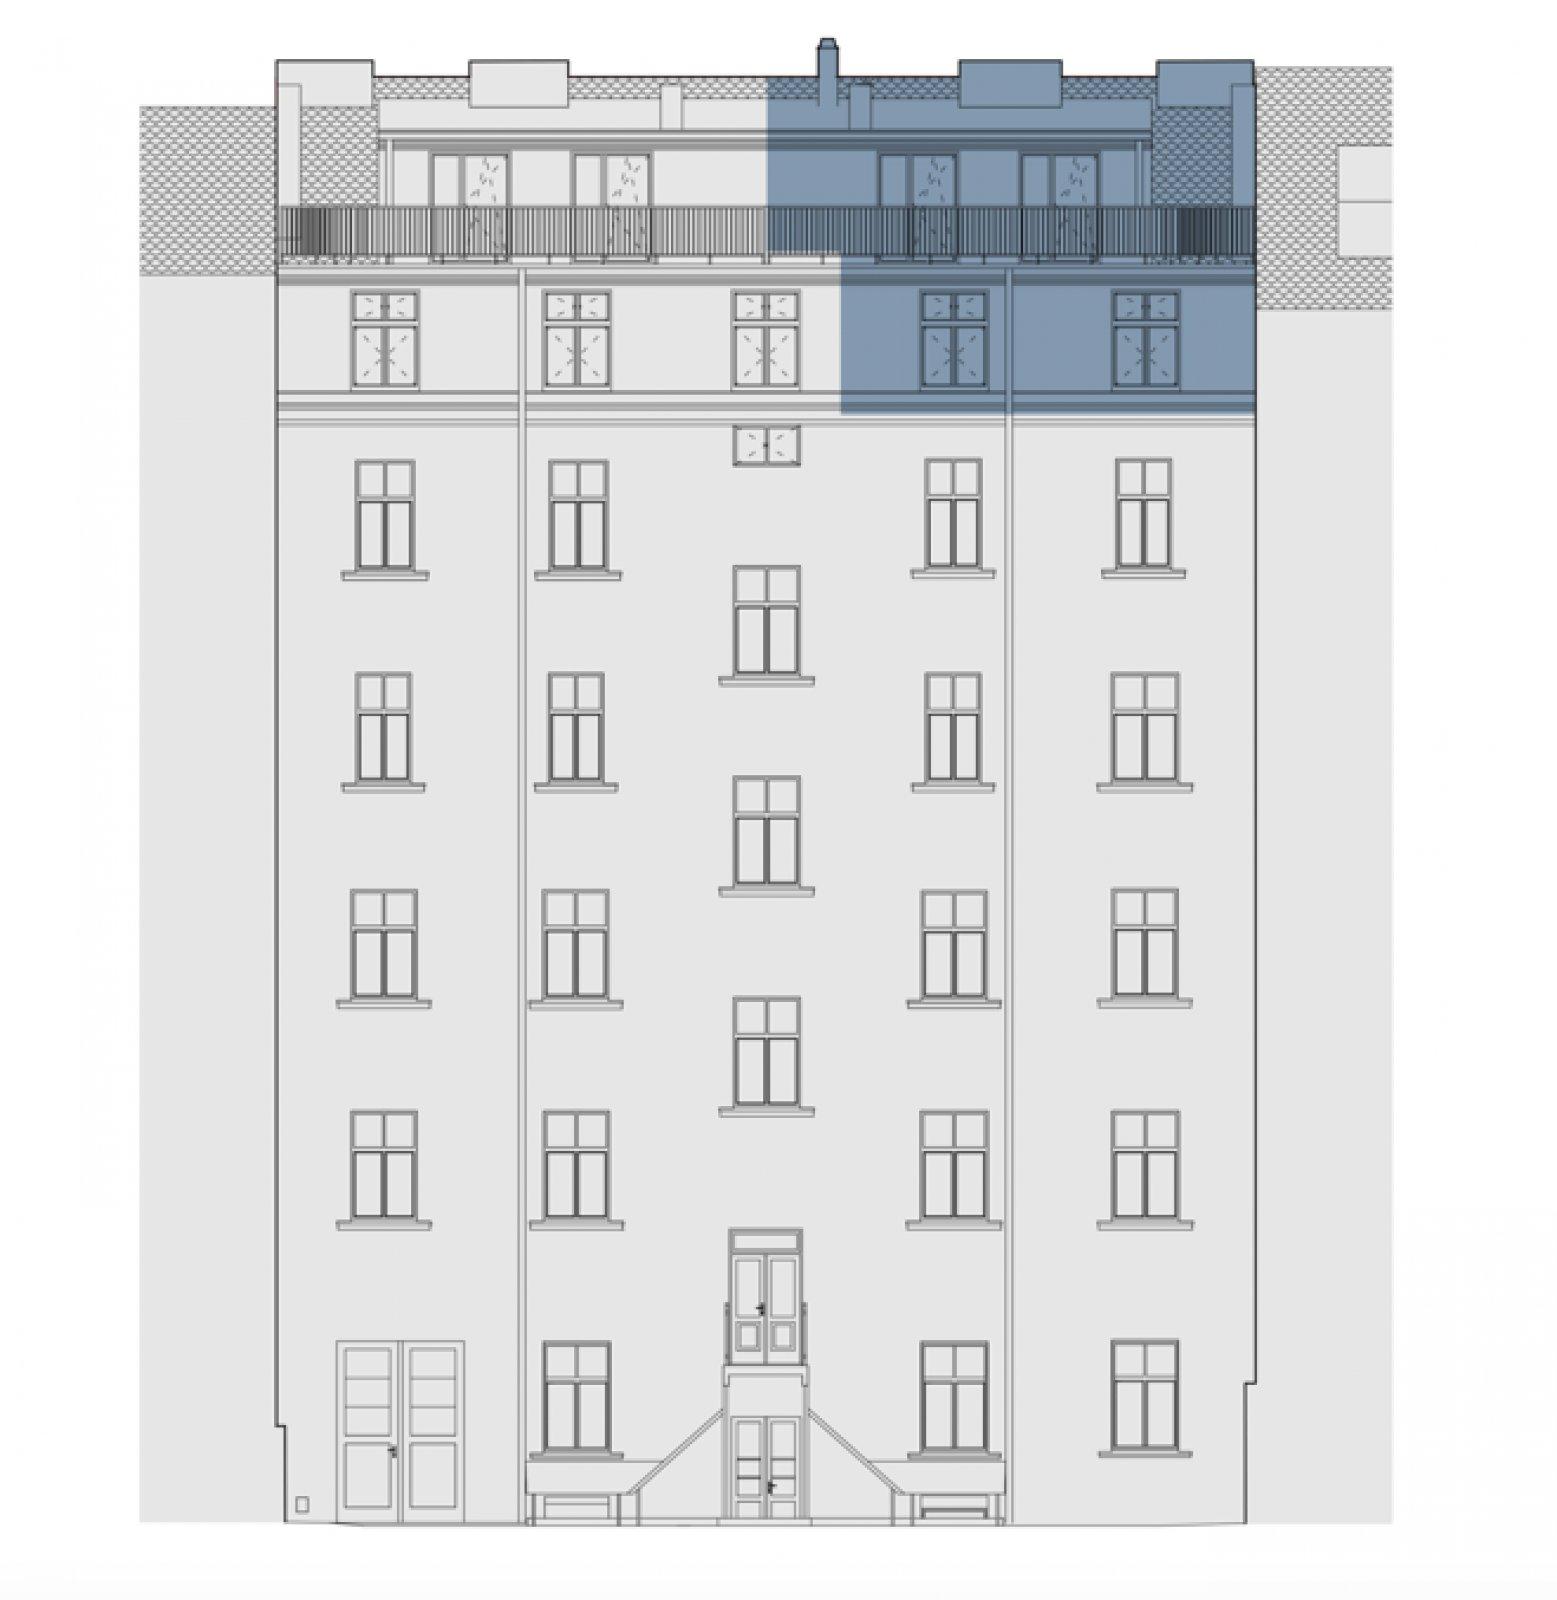 Půdorys - Půdní byt 4+kk, plocha 118 m², ulice Legerova, Praha 2 - Nové Město